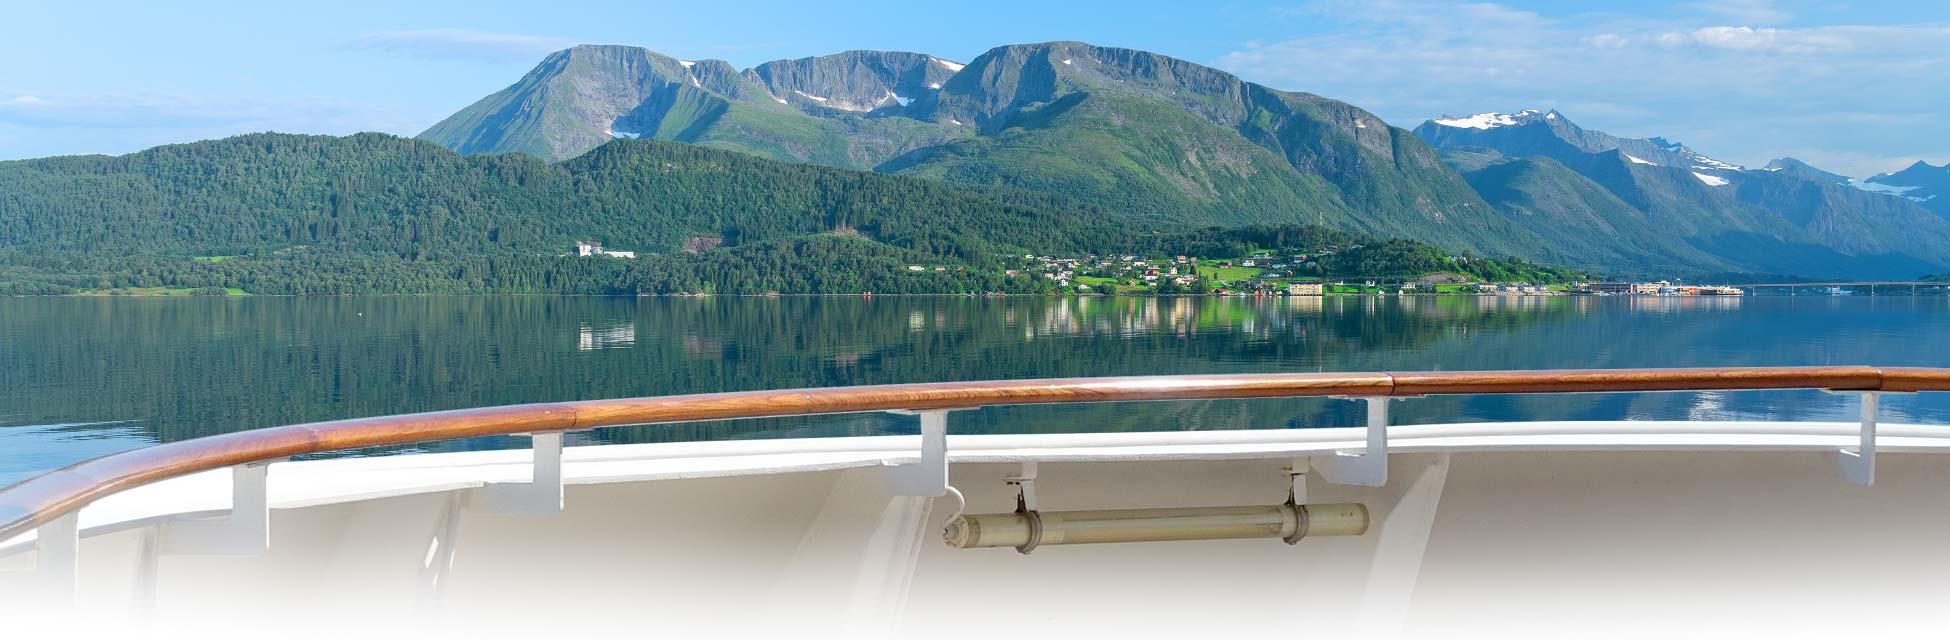 cruise noorwegen noorse fjorden en de noordkaap